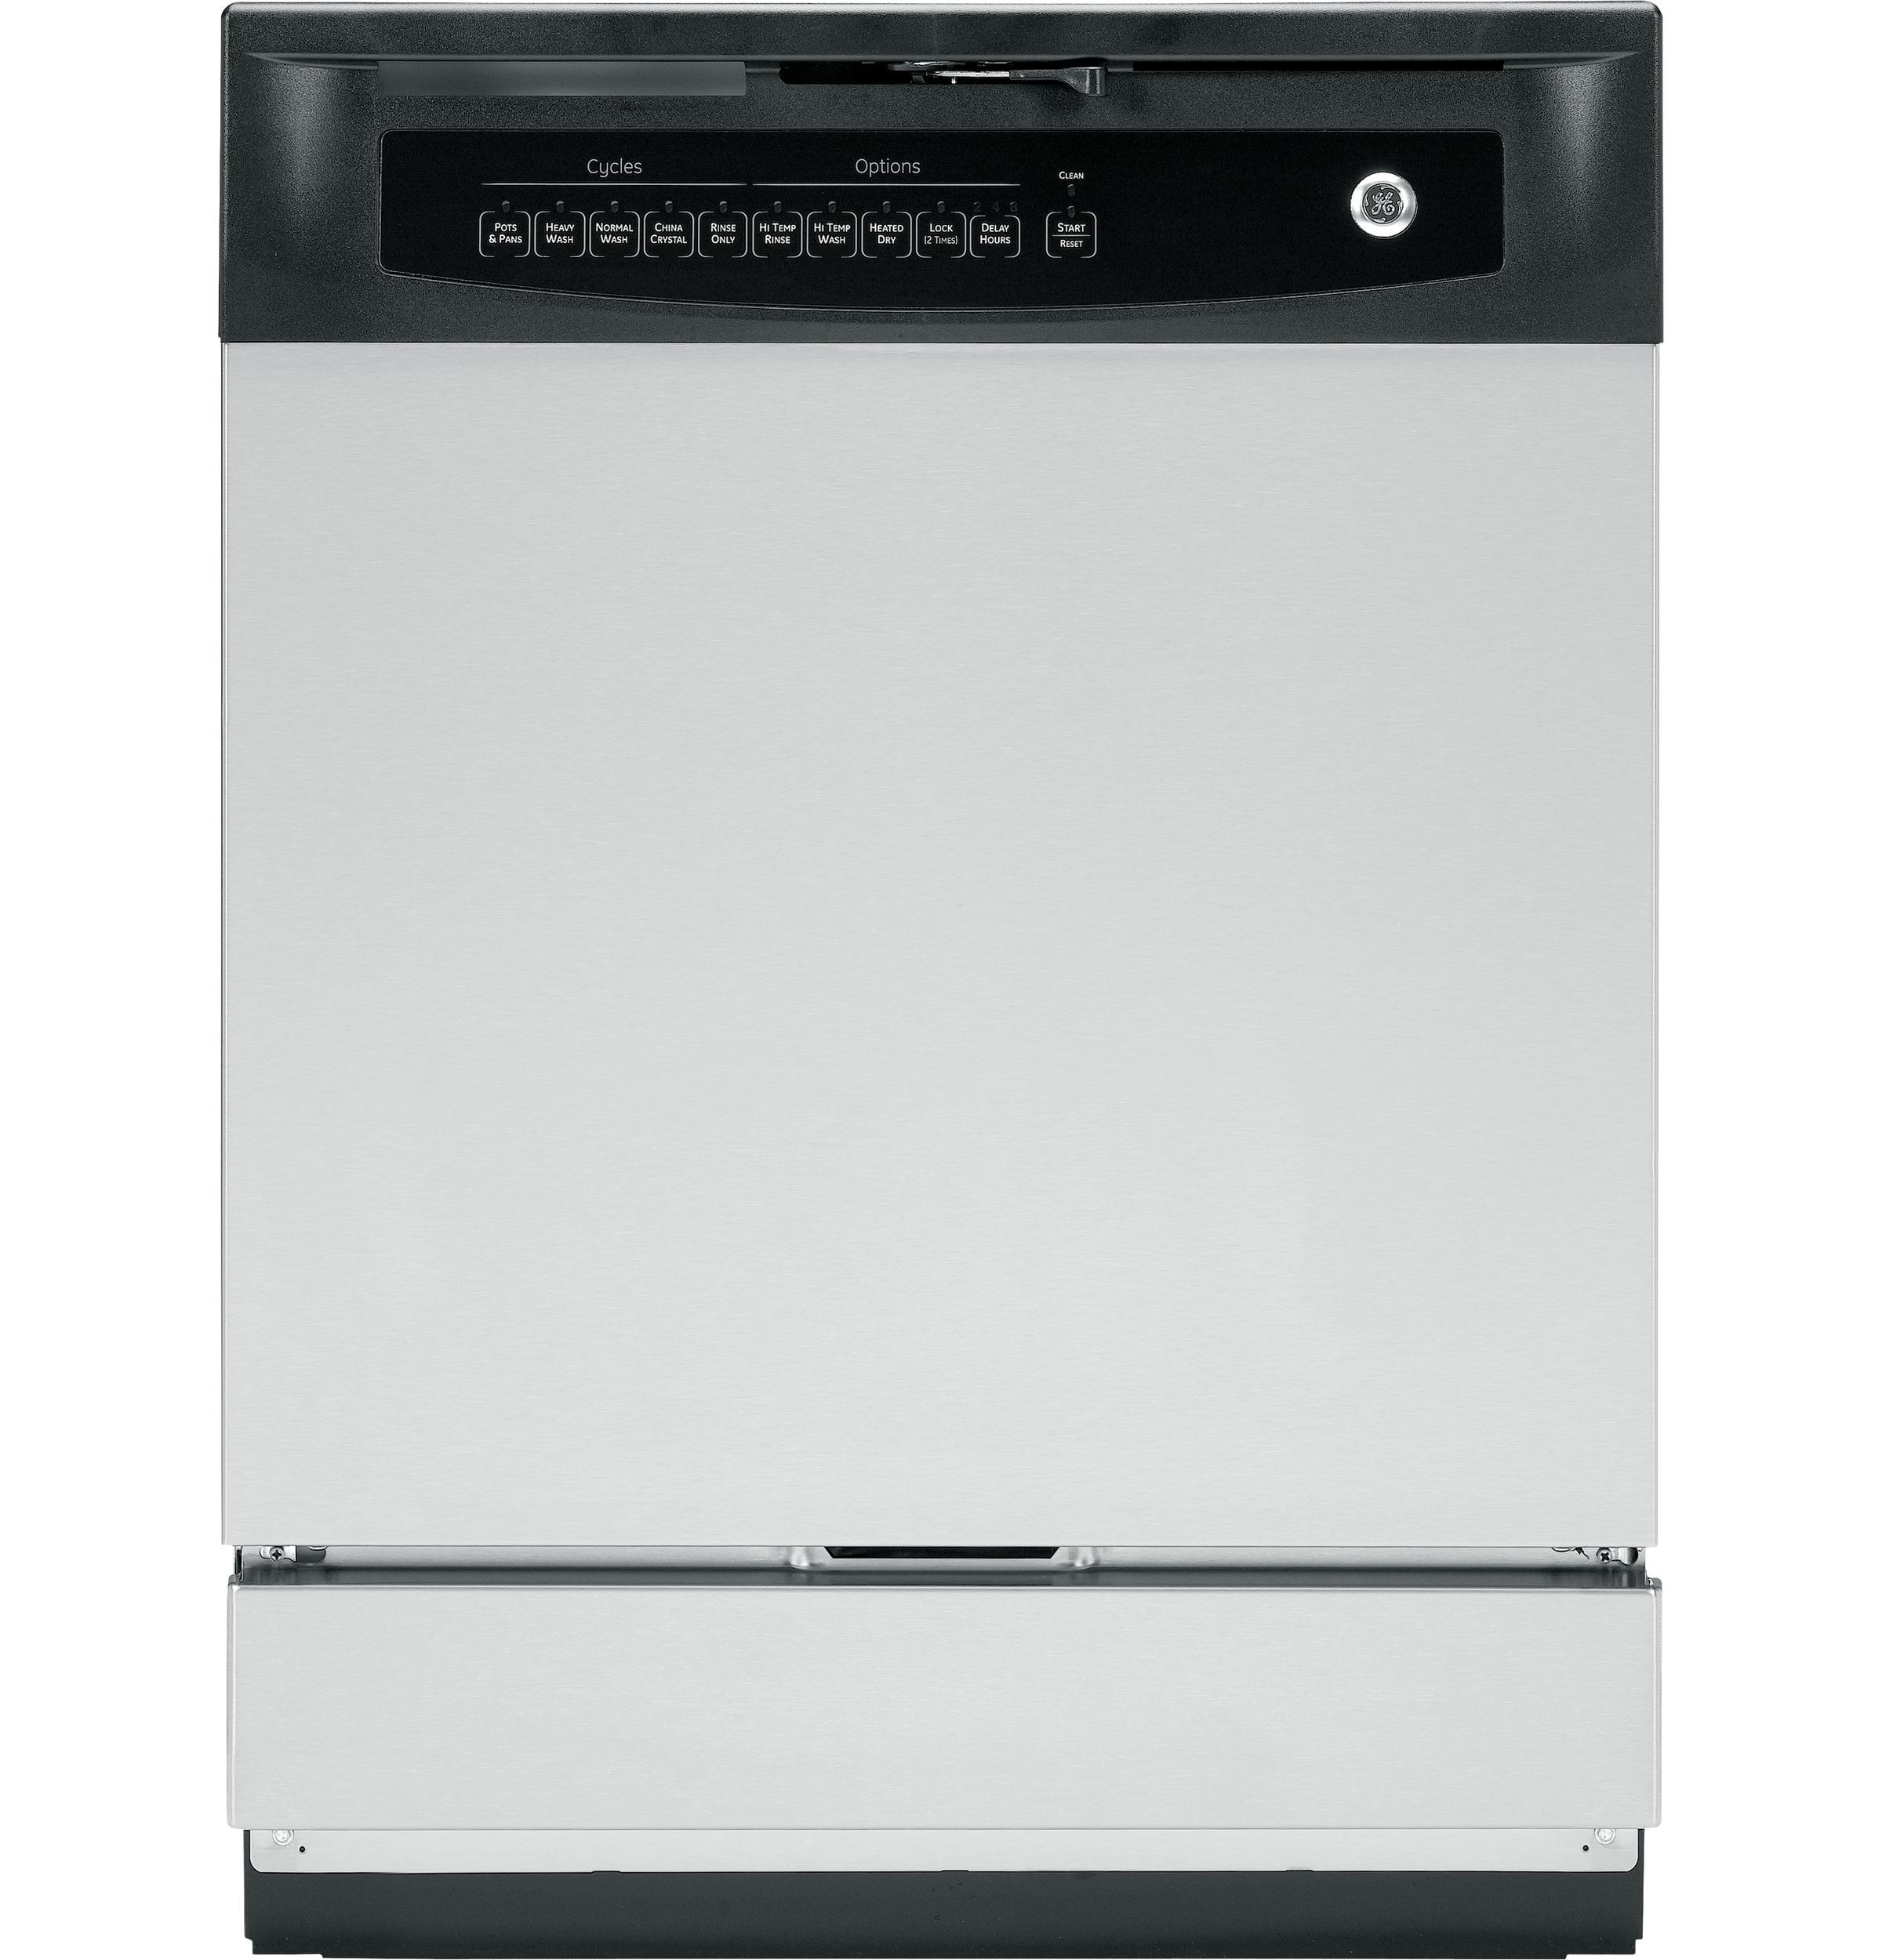 SS Dishwasher Image